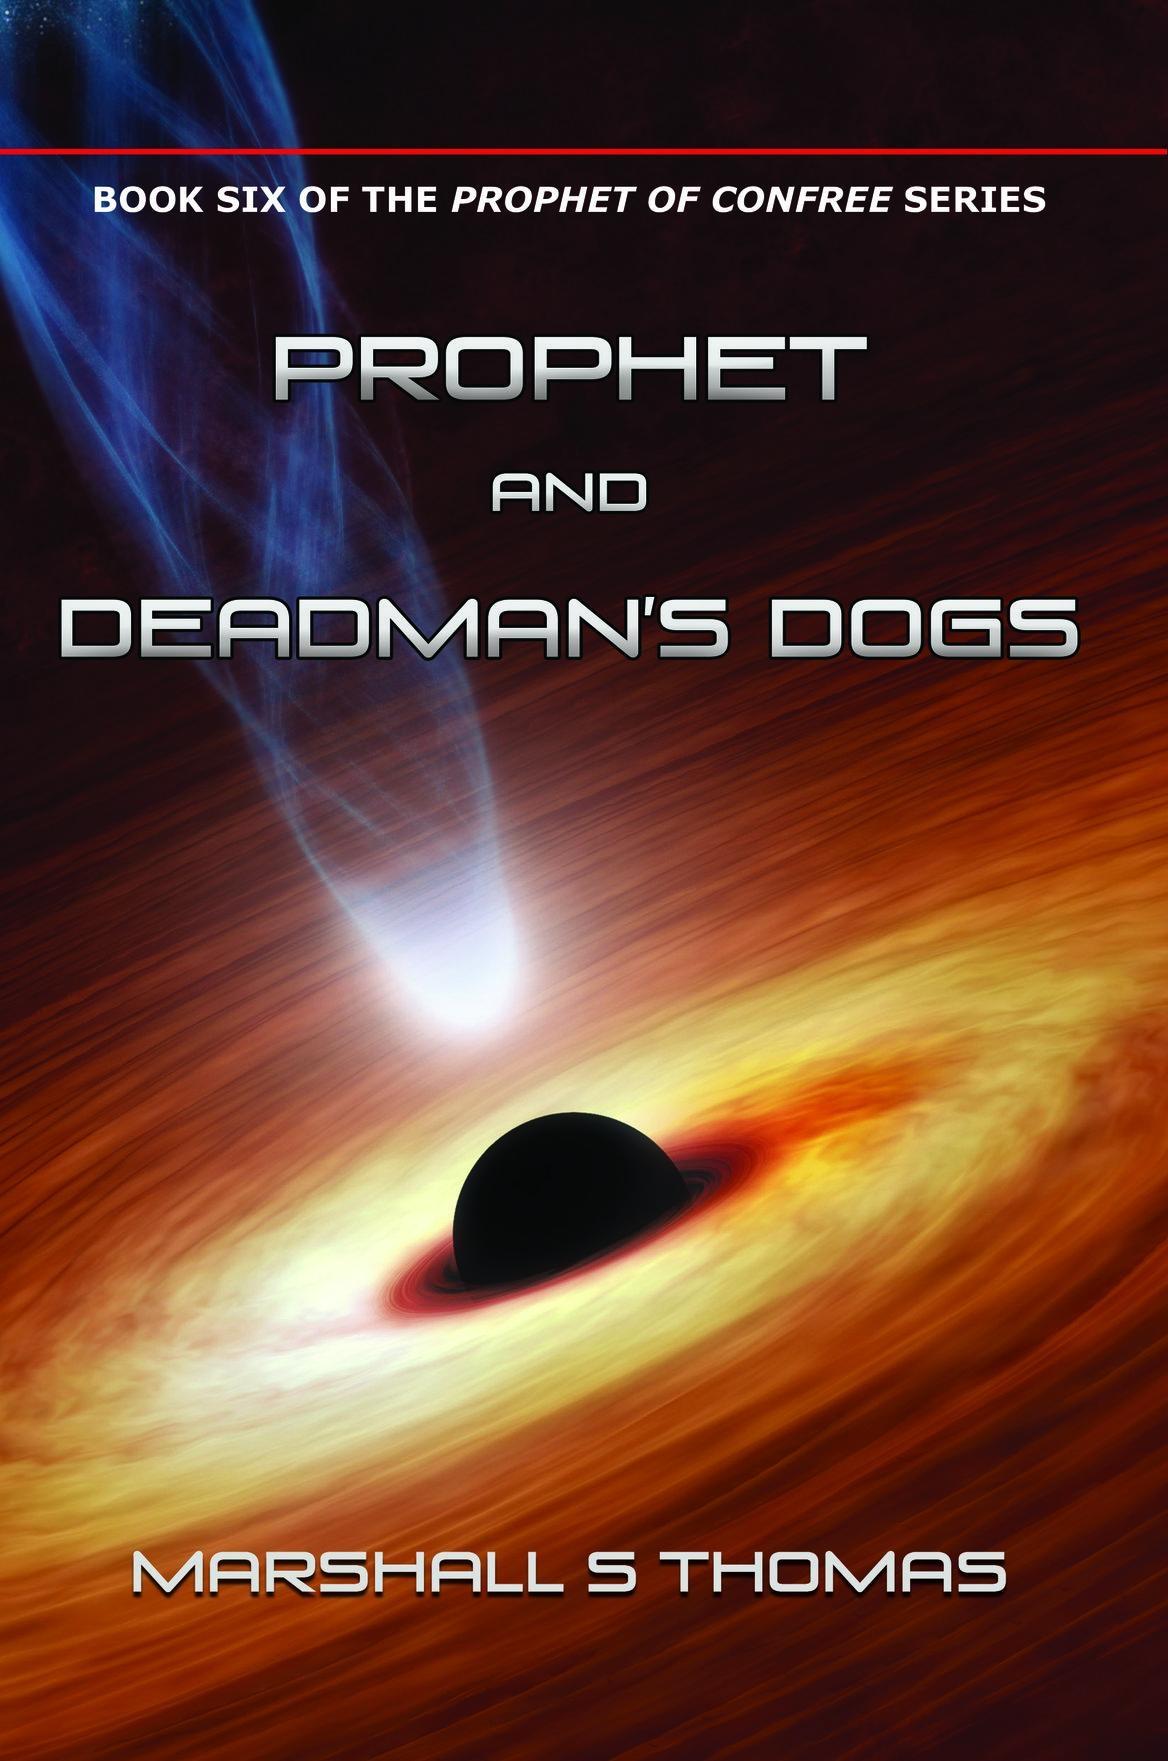 Deadmans dogs final copy.jpg